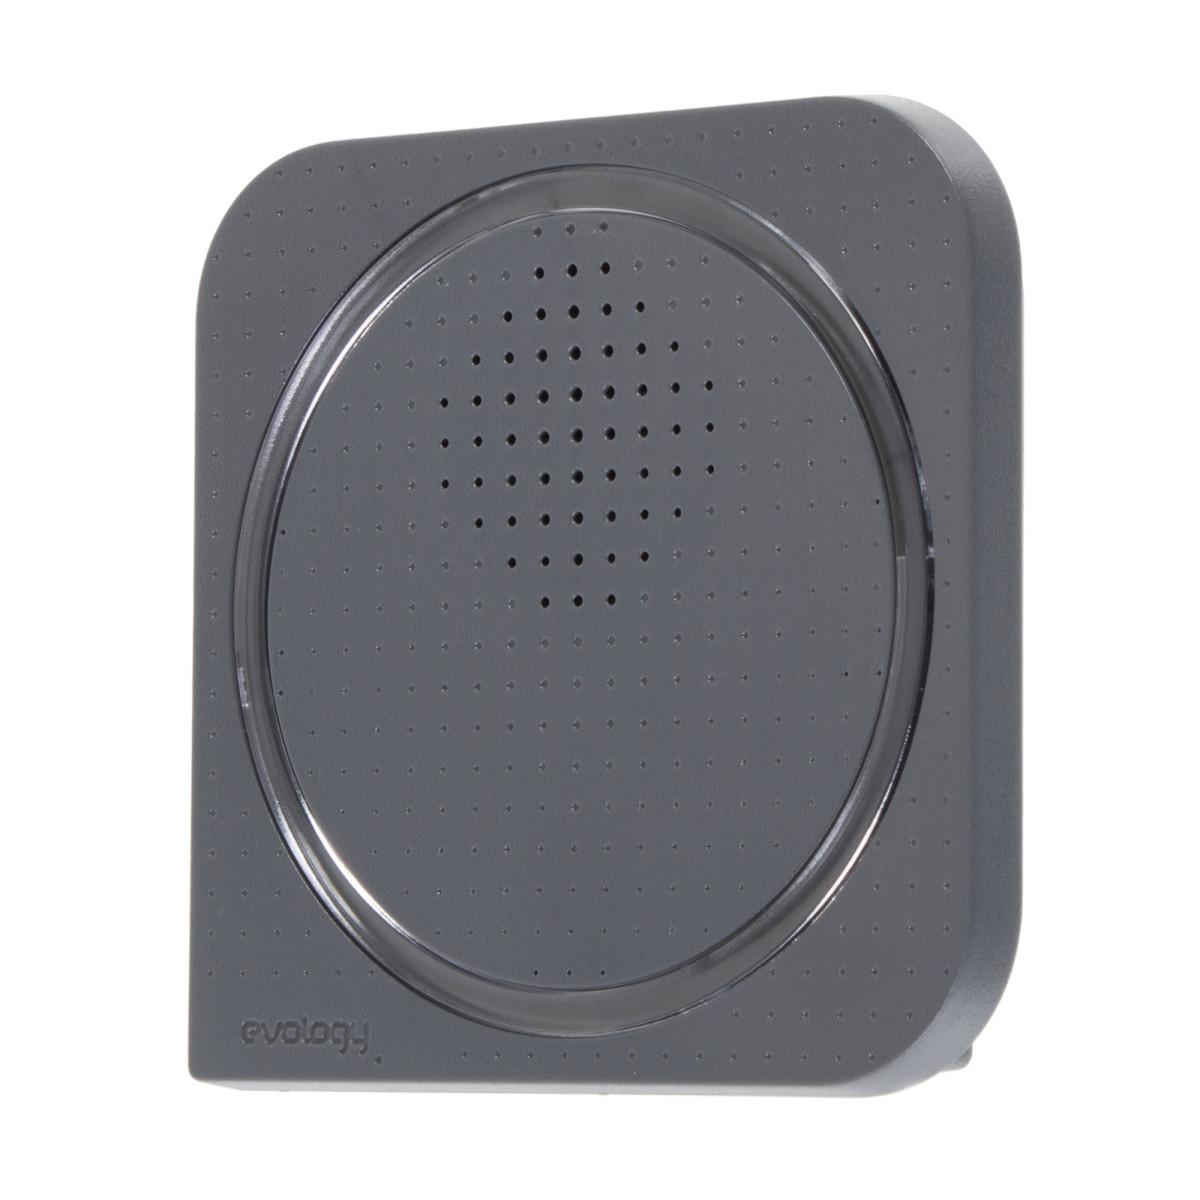 Звонок беспроводной MP3 Evology C-303B цвет черный